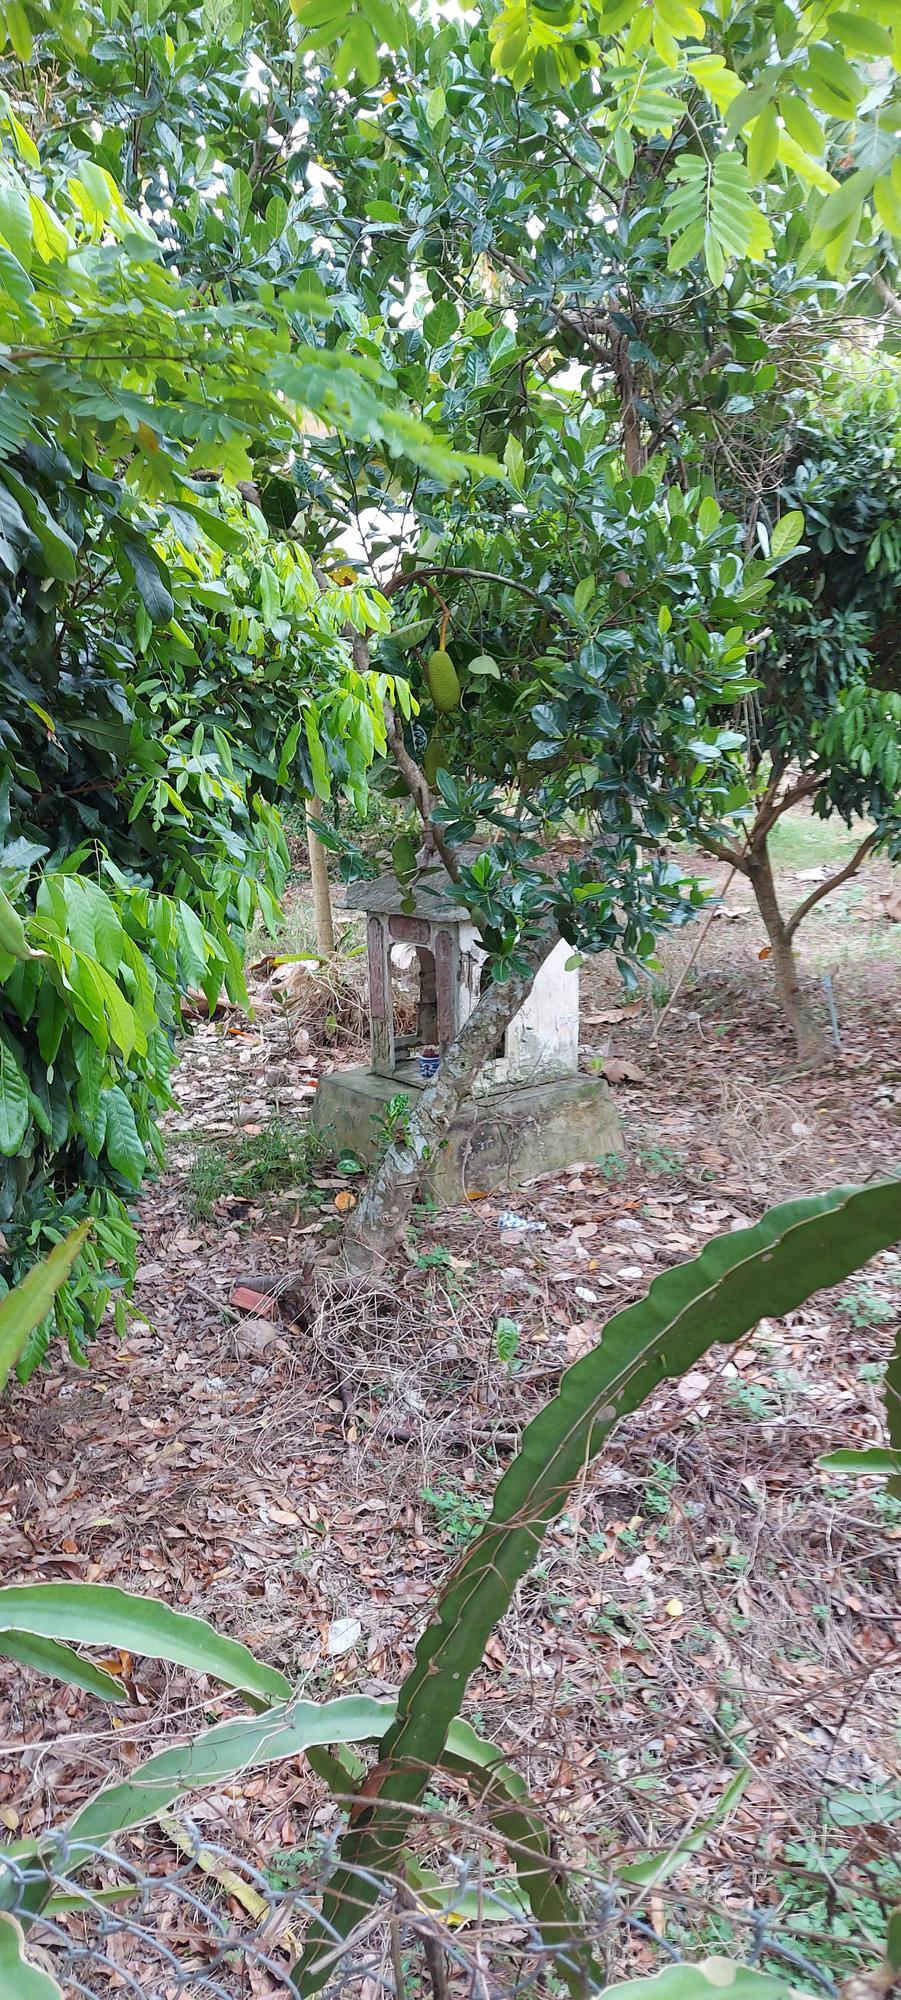 Kể chuyện làng: Miễu thờ Thầy Ba Đức  - Ảnh 1.